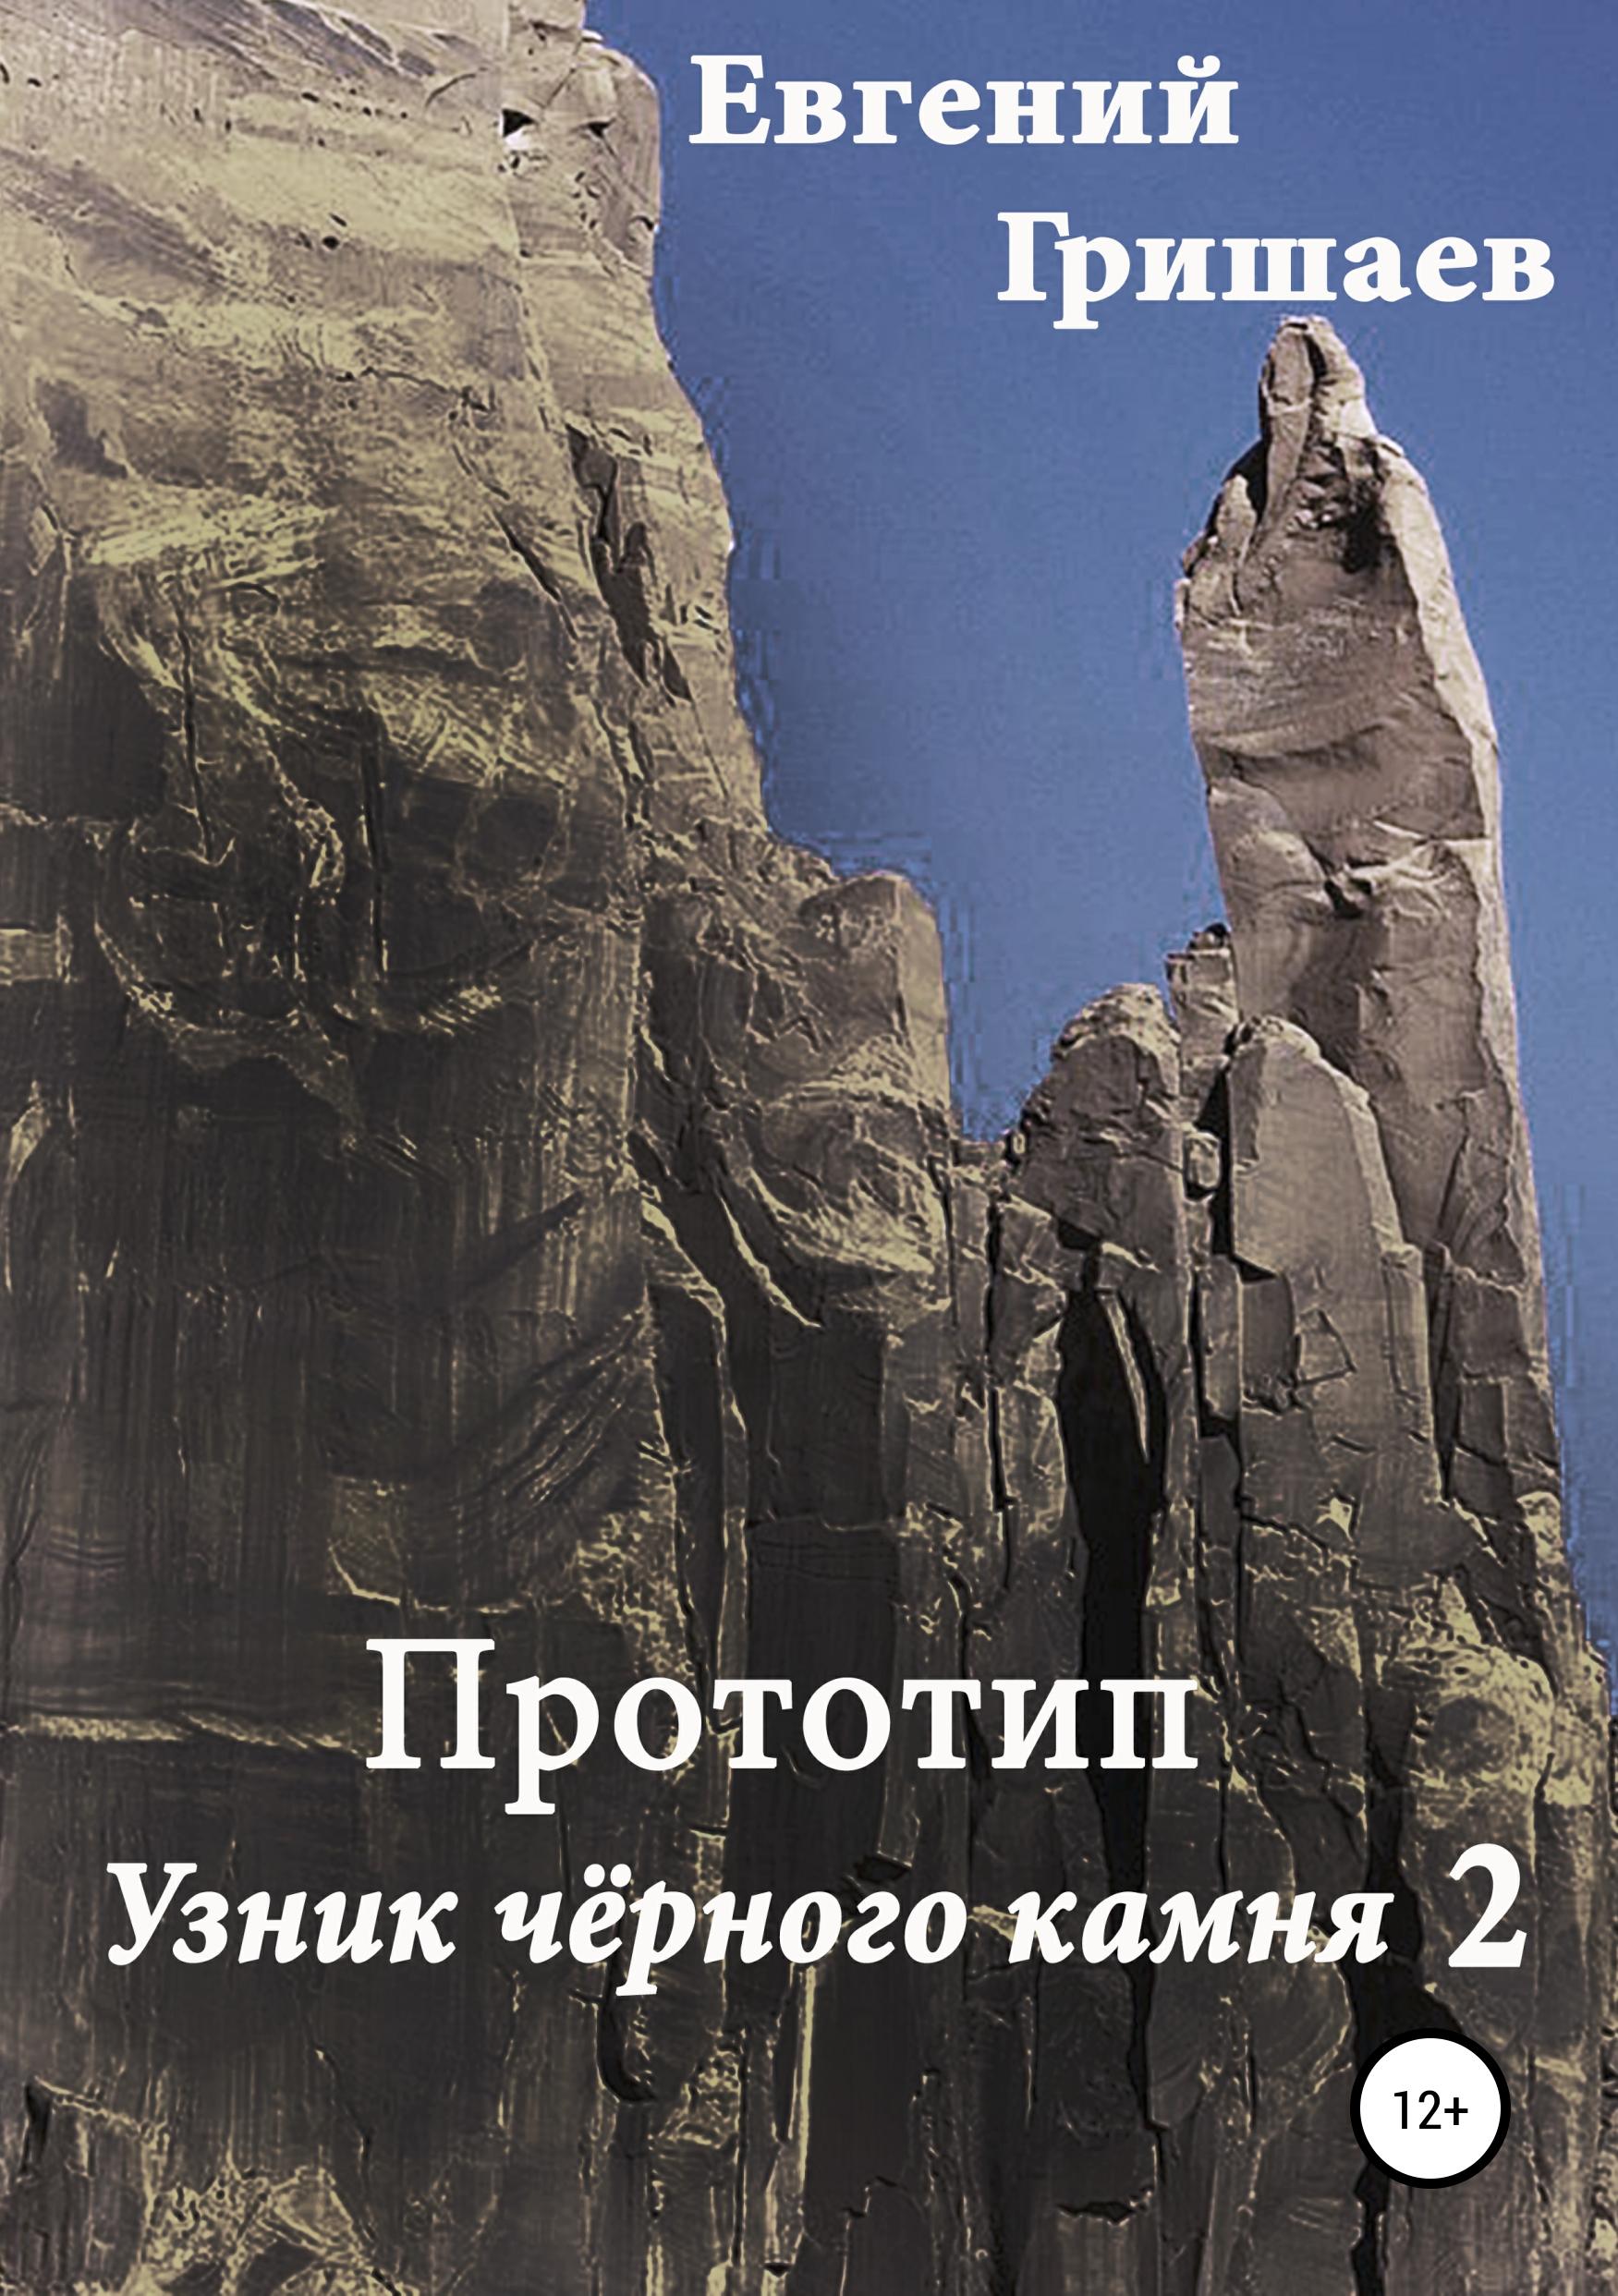 Евгений Алексеевич Гришаев Прототип. Узник чёрного камня 2